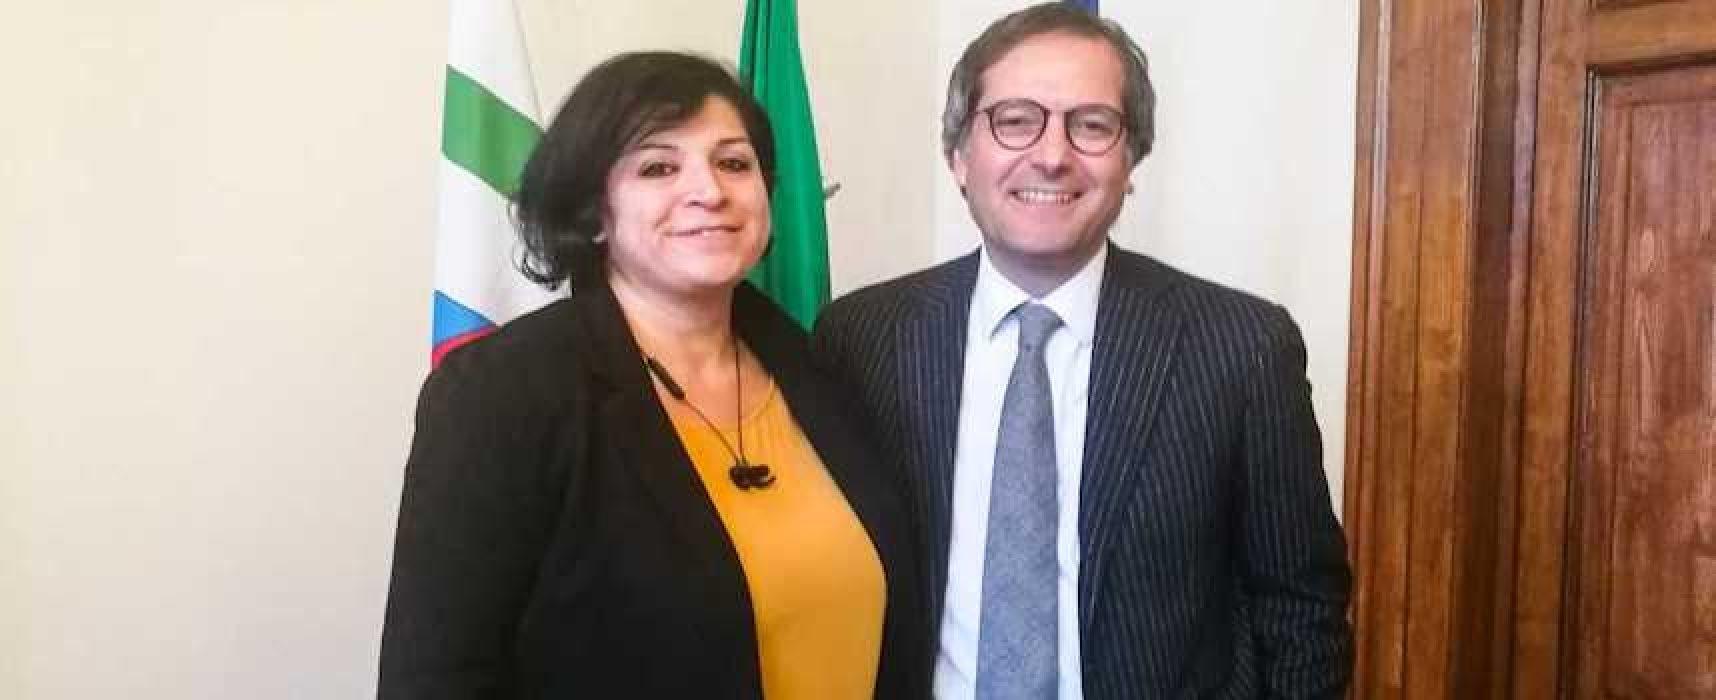 Rosalia Sette nominata assessore turismo e rapporti con associazioni